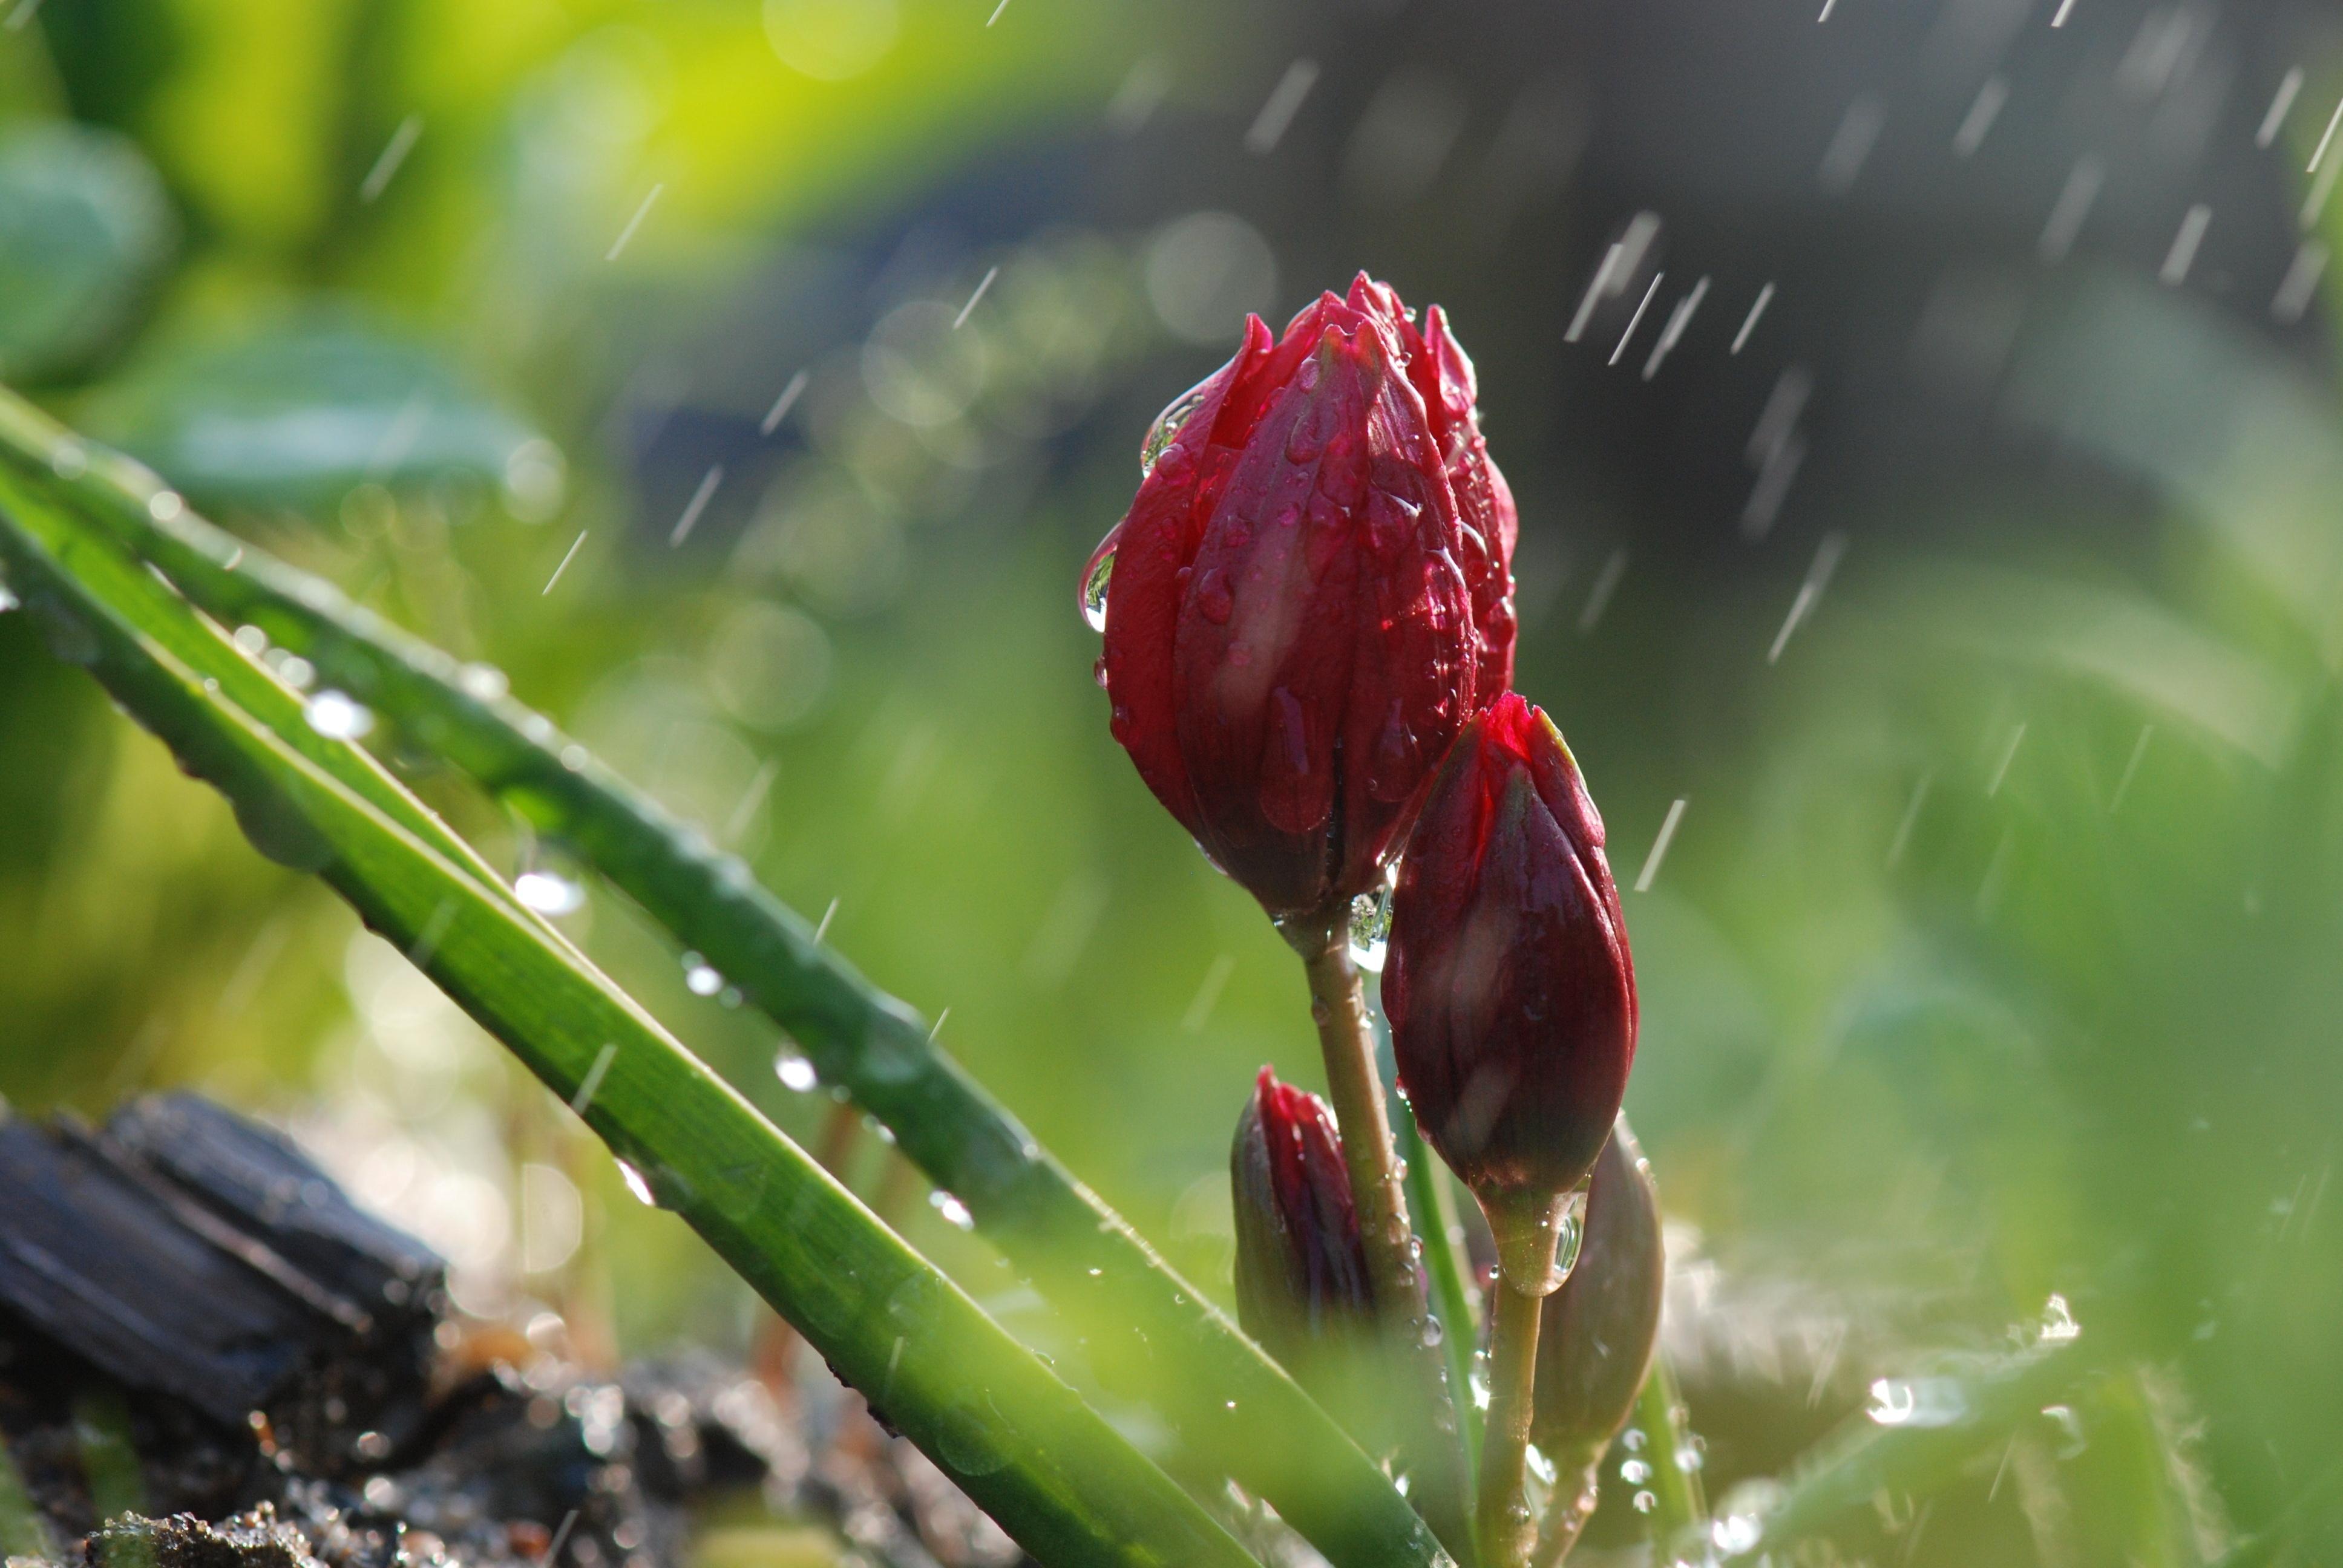 98319 скачать обои Природа, Цветы, Дождь, Макро, Зелень, Бутоны - заставки и картинки бесплатно